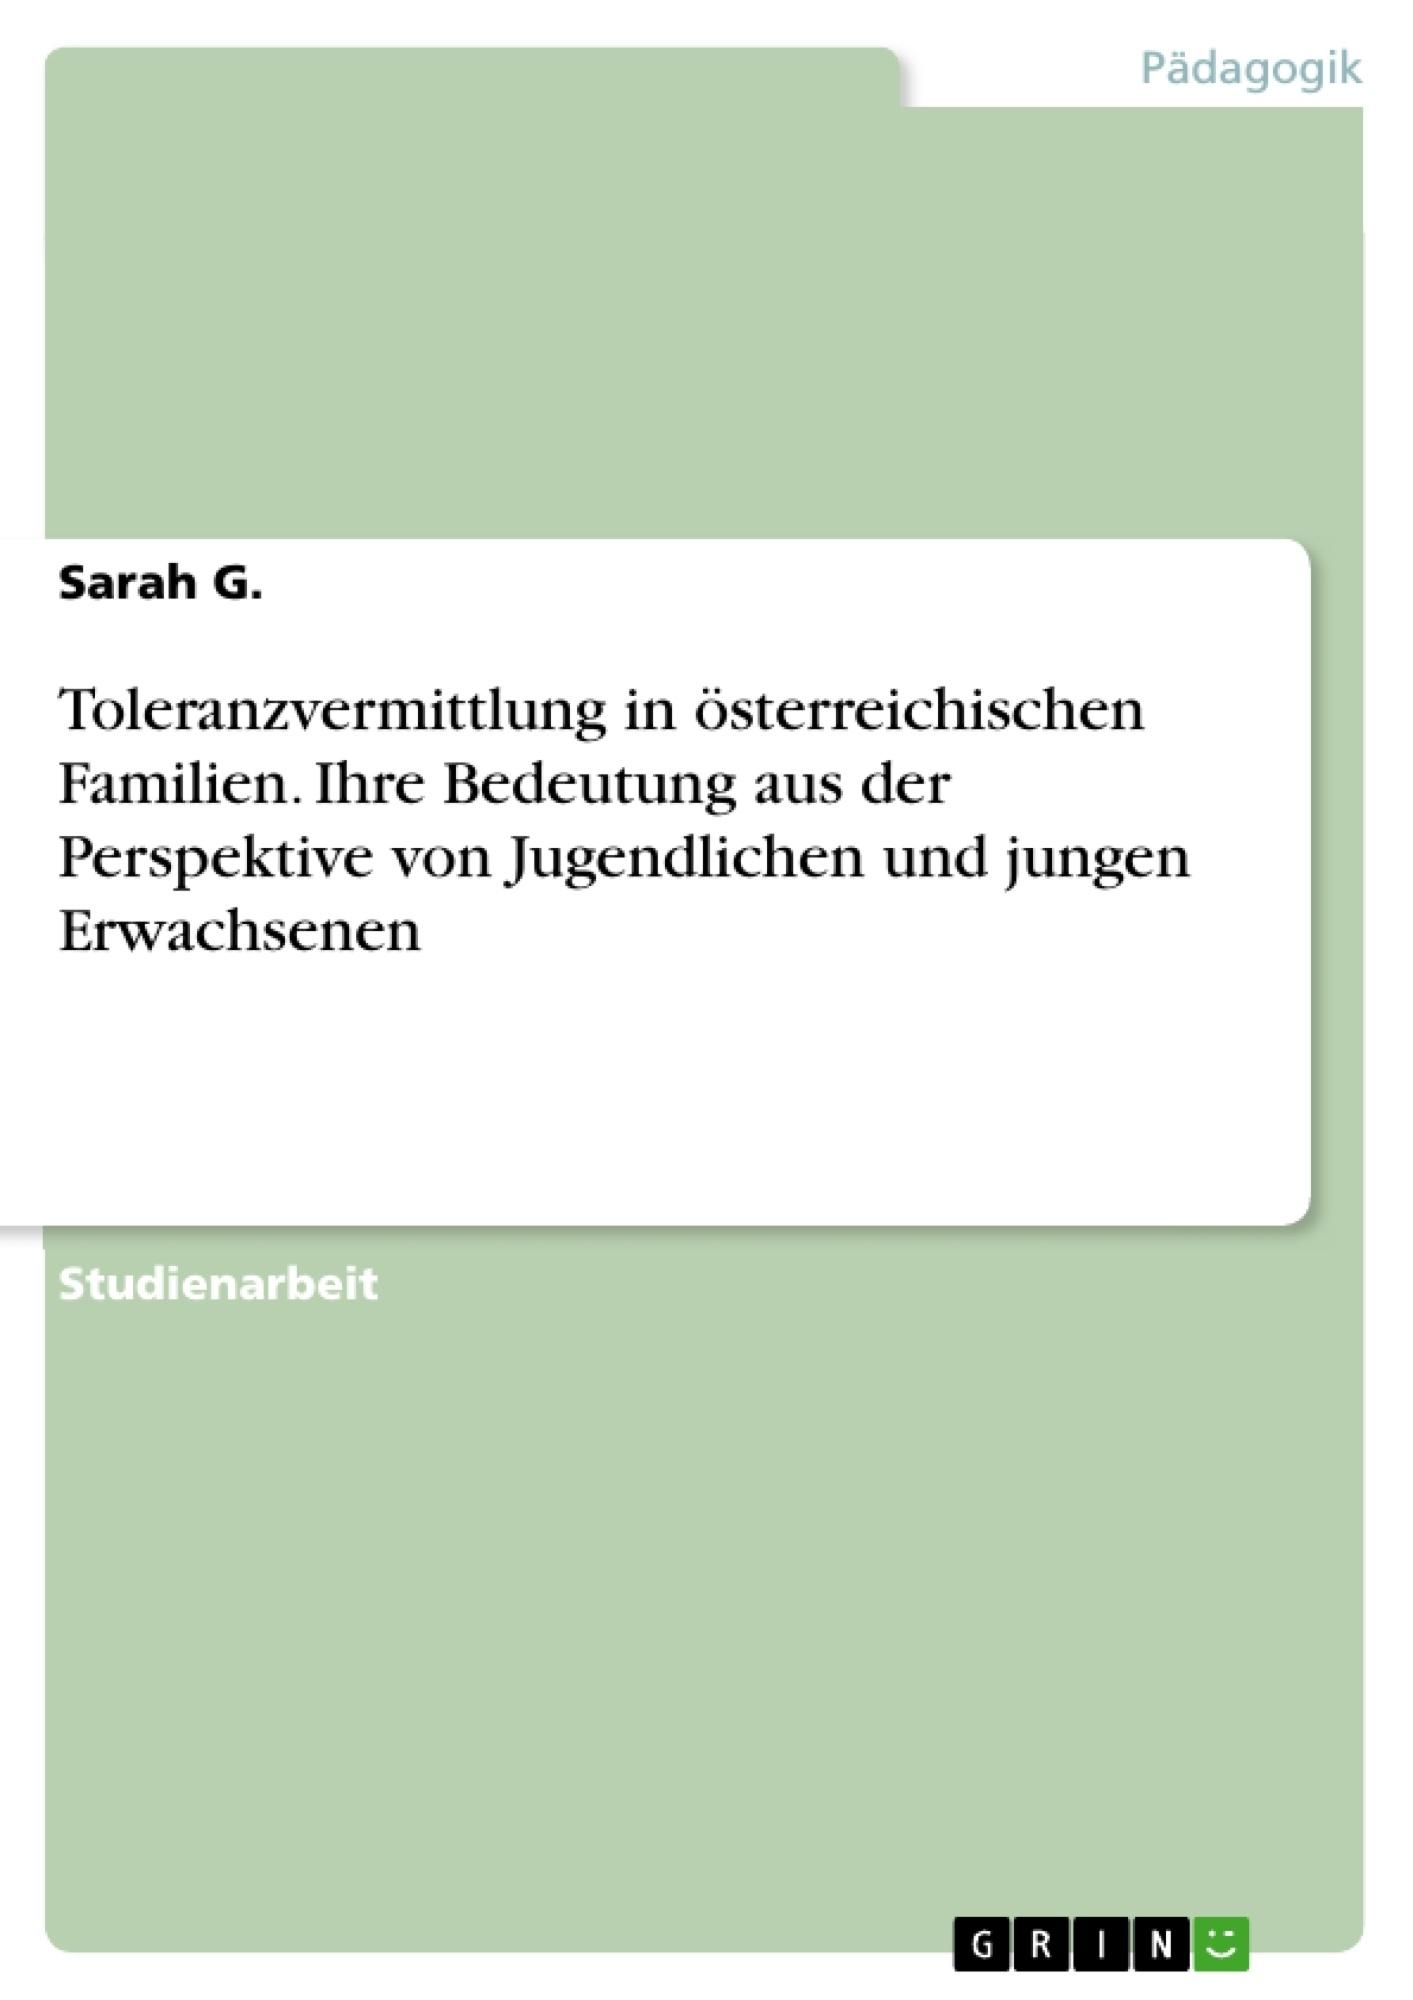 Titel: Toleranzvermittlung in österreichischen Familien. Ihre Bedeutung aus der Perspektive von Jugendlichen und jungen Erwachsenen